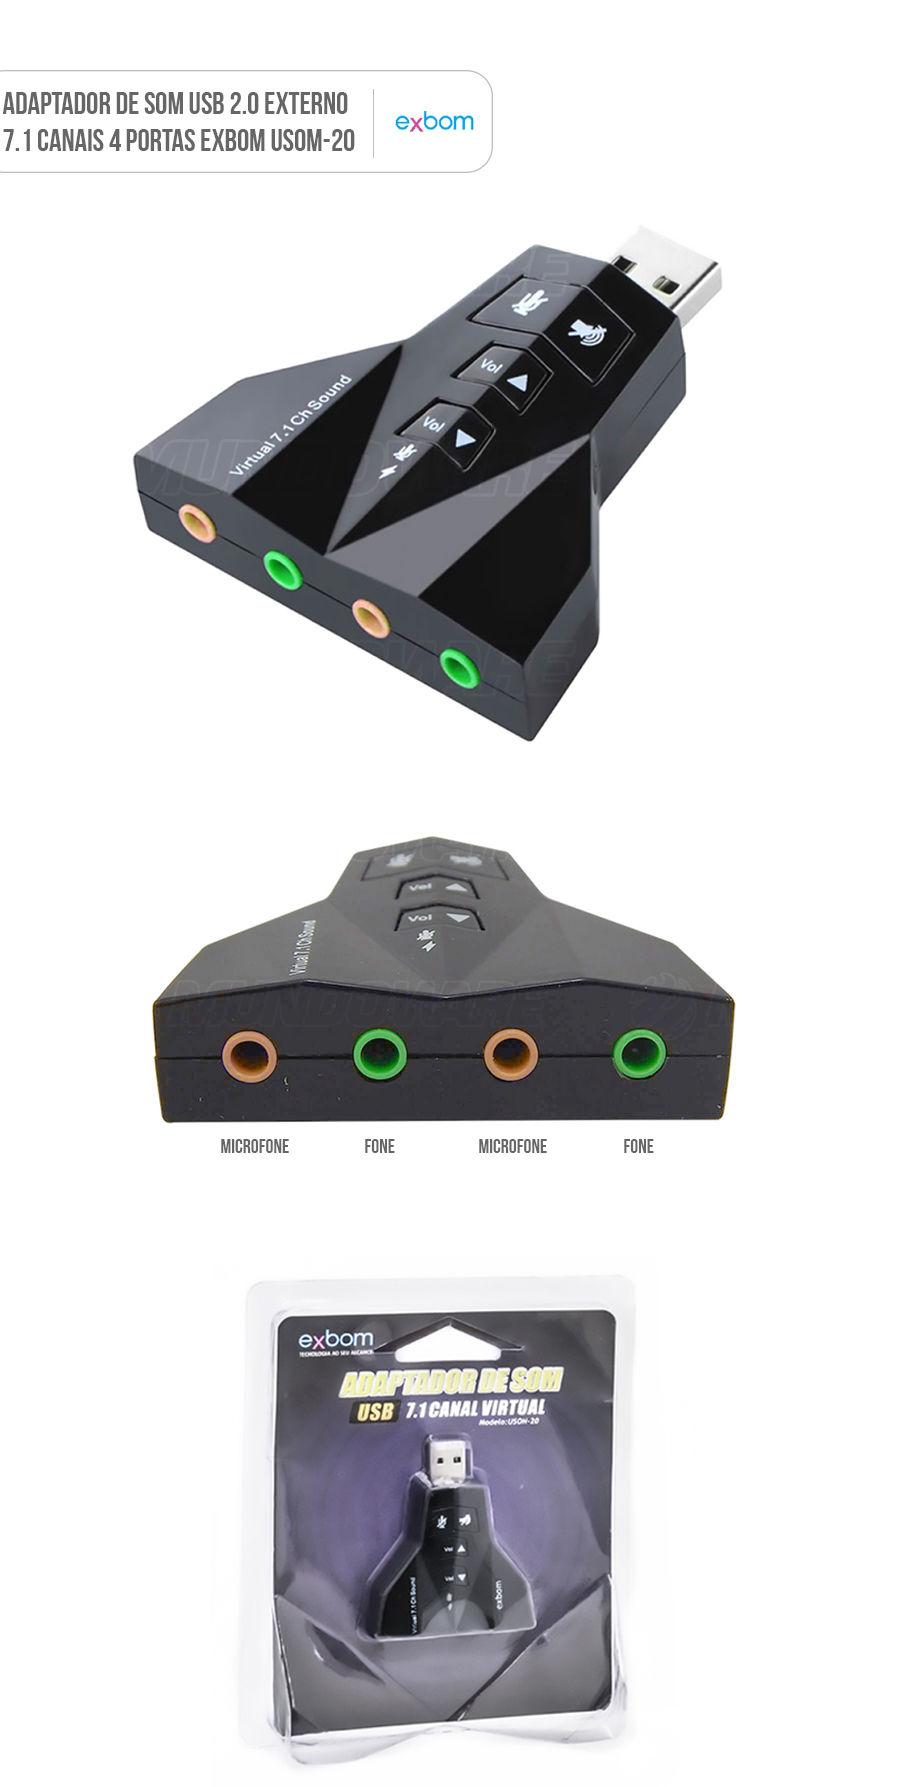 Placa de som usb adaptador audio sem driver 4 portas 7.1 canais